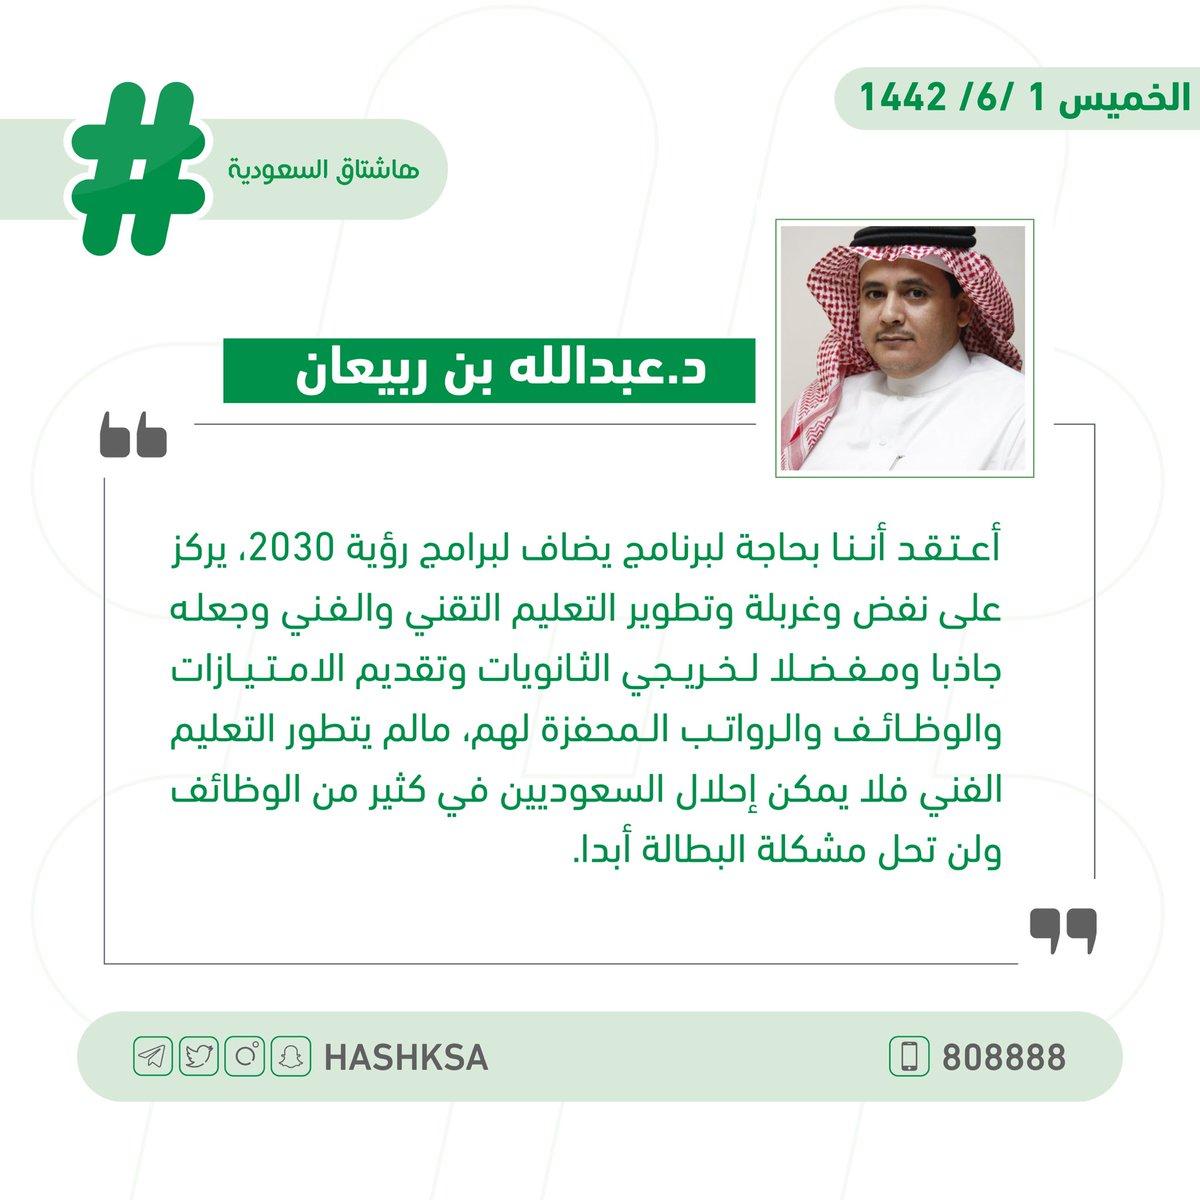 """قال: """"التعليم التقني والفني بوابة السعوديين لسوق العمل""""..  """"د.عبدالله بن ربيعان"""" يطالب بتطوير التعليم التقني وإضافته لبرامج #رؤية_3020."""